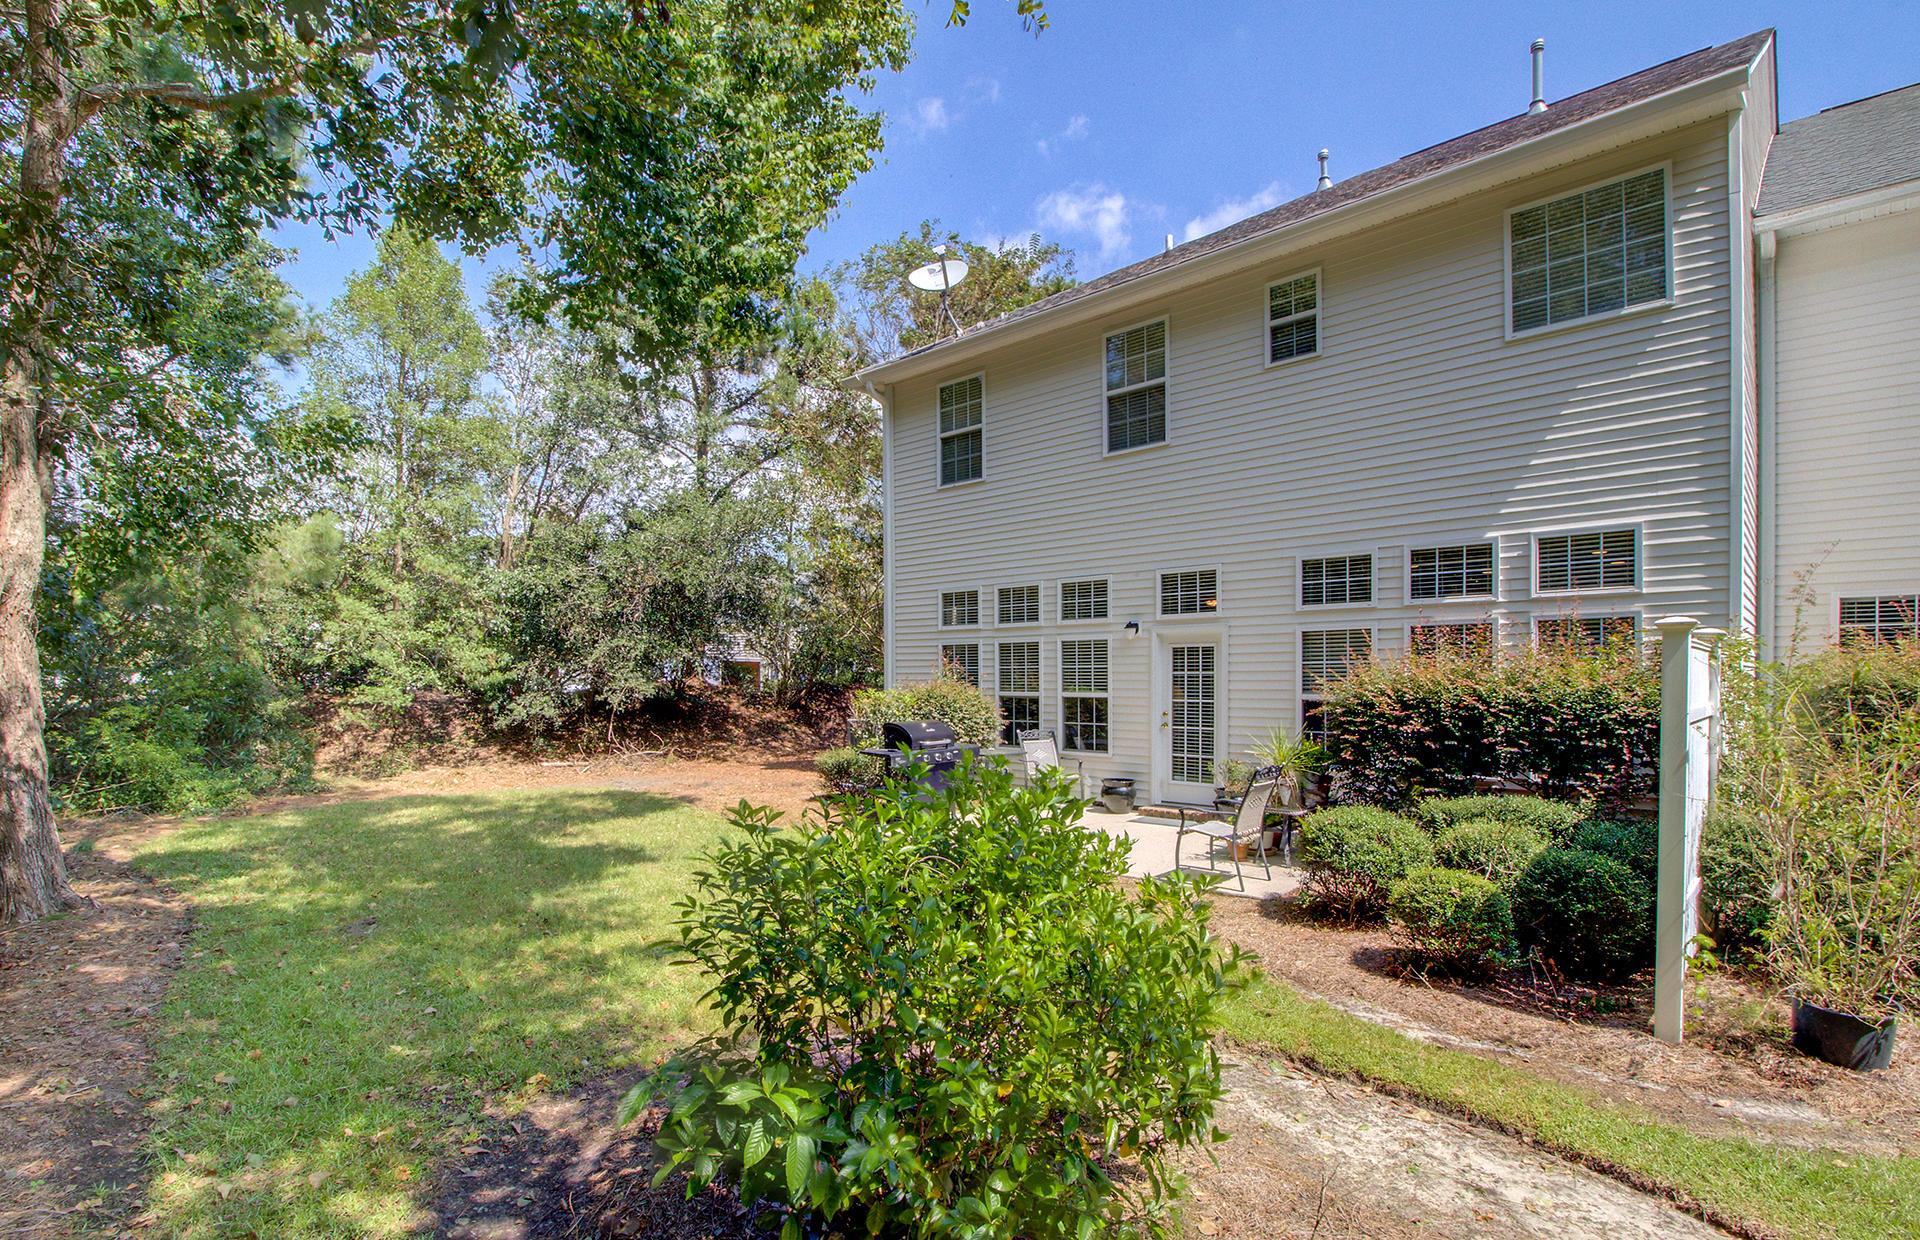 Park West Homes For Sale - 2500 Draymohr, Mount Pleasant, SC - 1